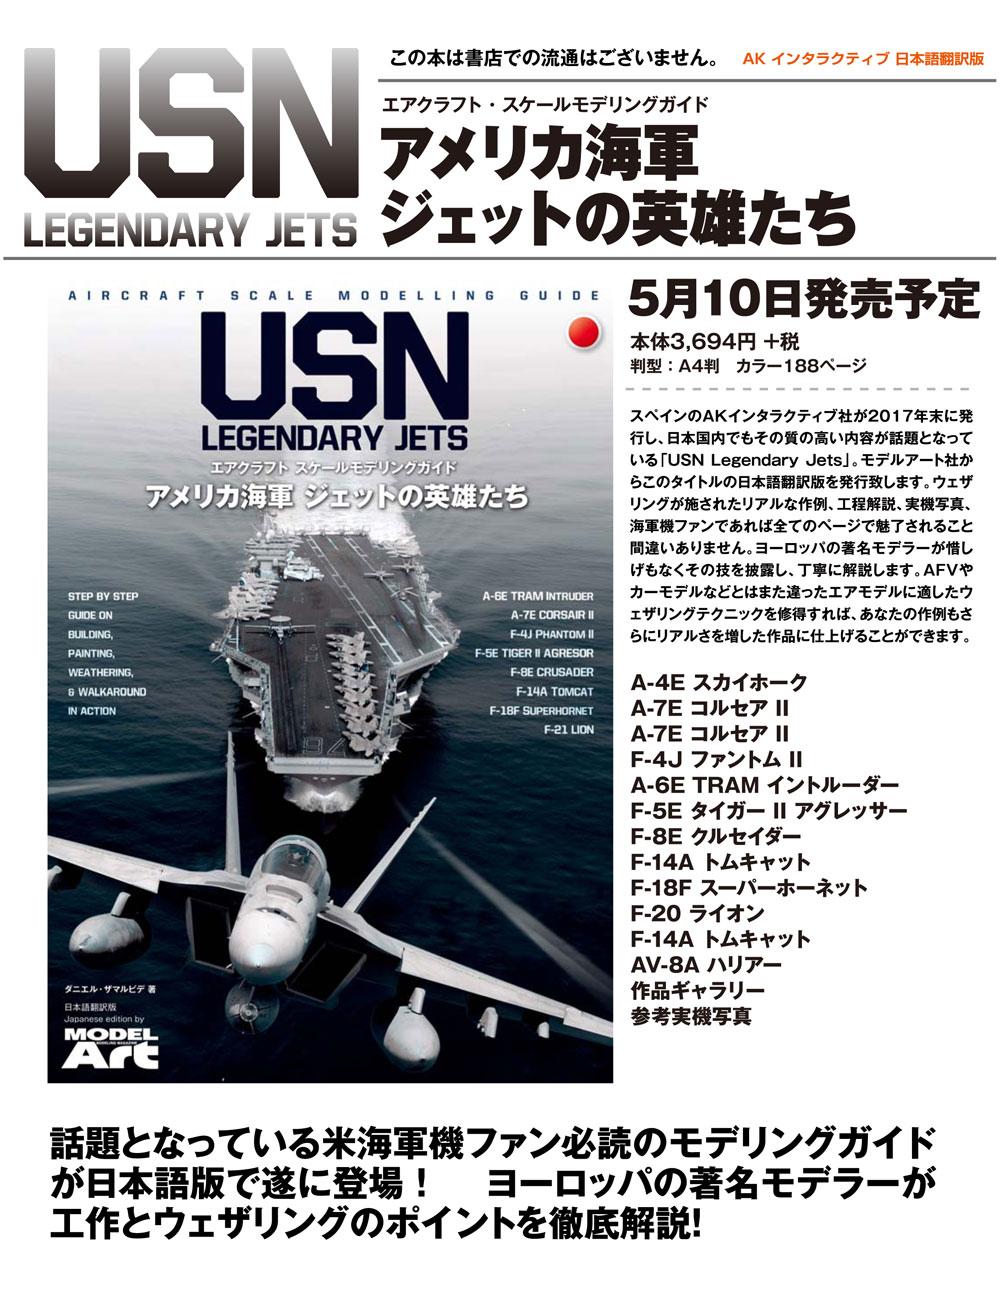 エアクラフト スケールモデリングガイド アメリカ海軍 ジェットの英雄たち本(モデルアートエアクラフト スケールモデリングガイドNo.75035)商品画像_2